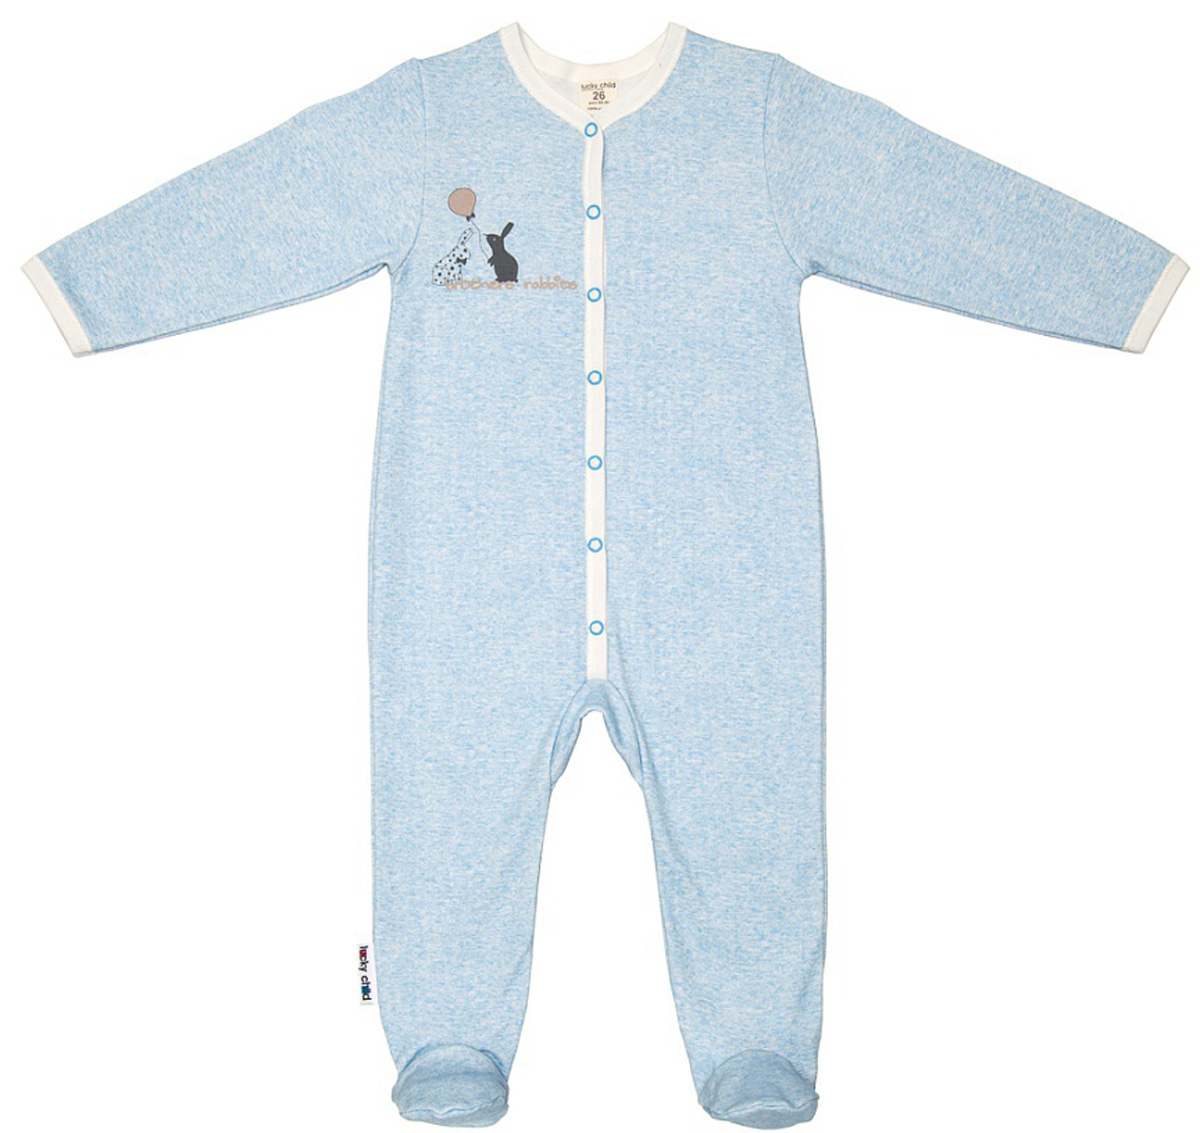 Комбинезон домашний детский Luky Child, цвет: голубой. А1-103/голубой. Размер 62/68А1-103/голубойДетский комбинезон Lucky Child - очень удобный и практичный вид одежды для малышей. Комбинезон выполнен из натурального хлопка, благодаря чему он необычайно мягкий и приятный на ощупь, не раздражают нежную кожу ребенка и хорошо вентилируются, а эластичные швы приятны телу малыша и не препятствуют его движениям. Комбинезон с длинными рукавами и закрытыми ножками имеет застежки-кнопки, которые помогают легко переодеть младенца или сменить подгузник. С детским комбинезоном Lucky Child спинка и ножки вашего малыша всегда будут в тепле, он идеален для использования днем и незаменим ночью. Комбинезон полностью соответствует особенностям жизни младенца в ранний период, не стесняя и не ограничивая его в движениях!